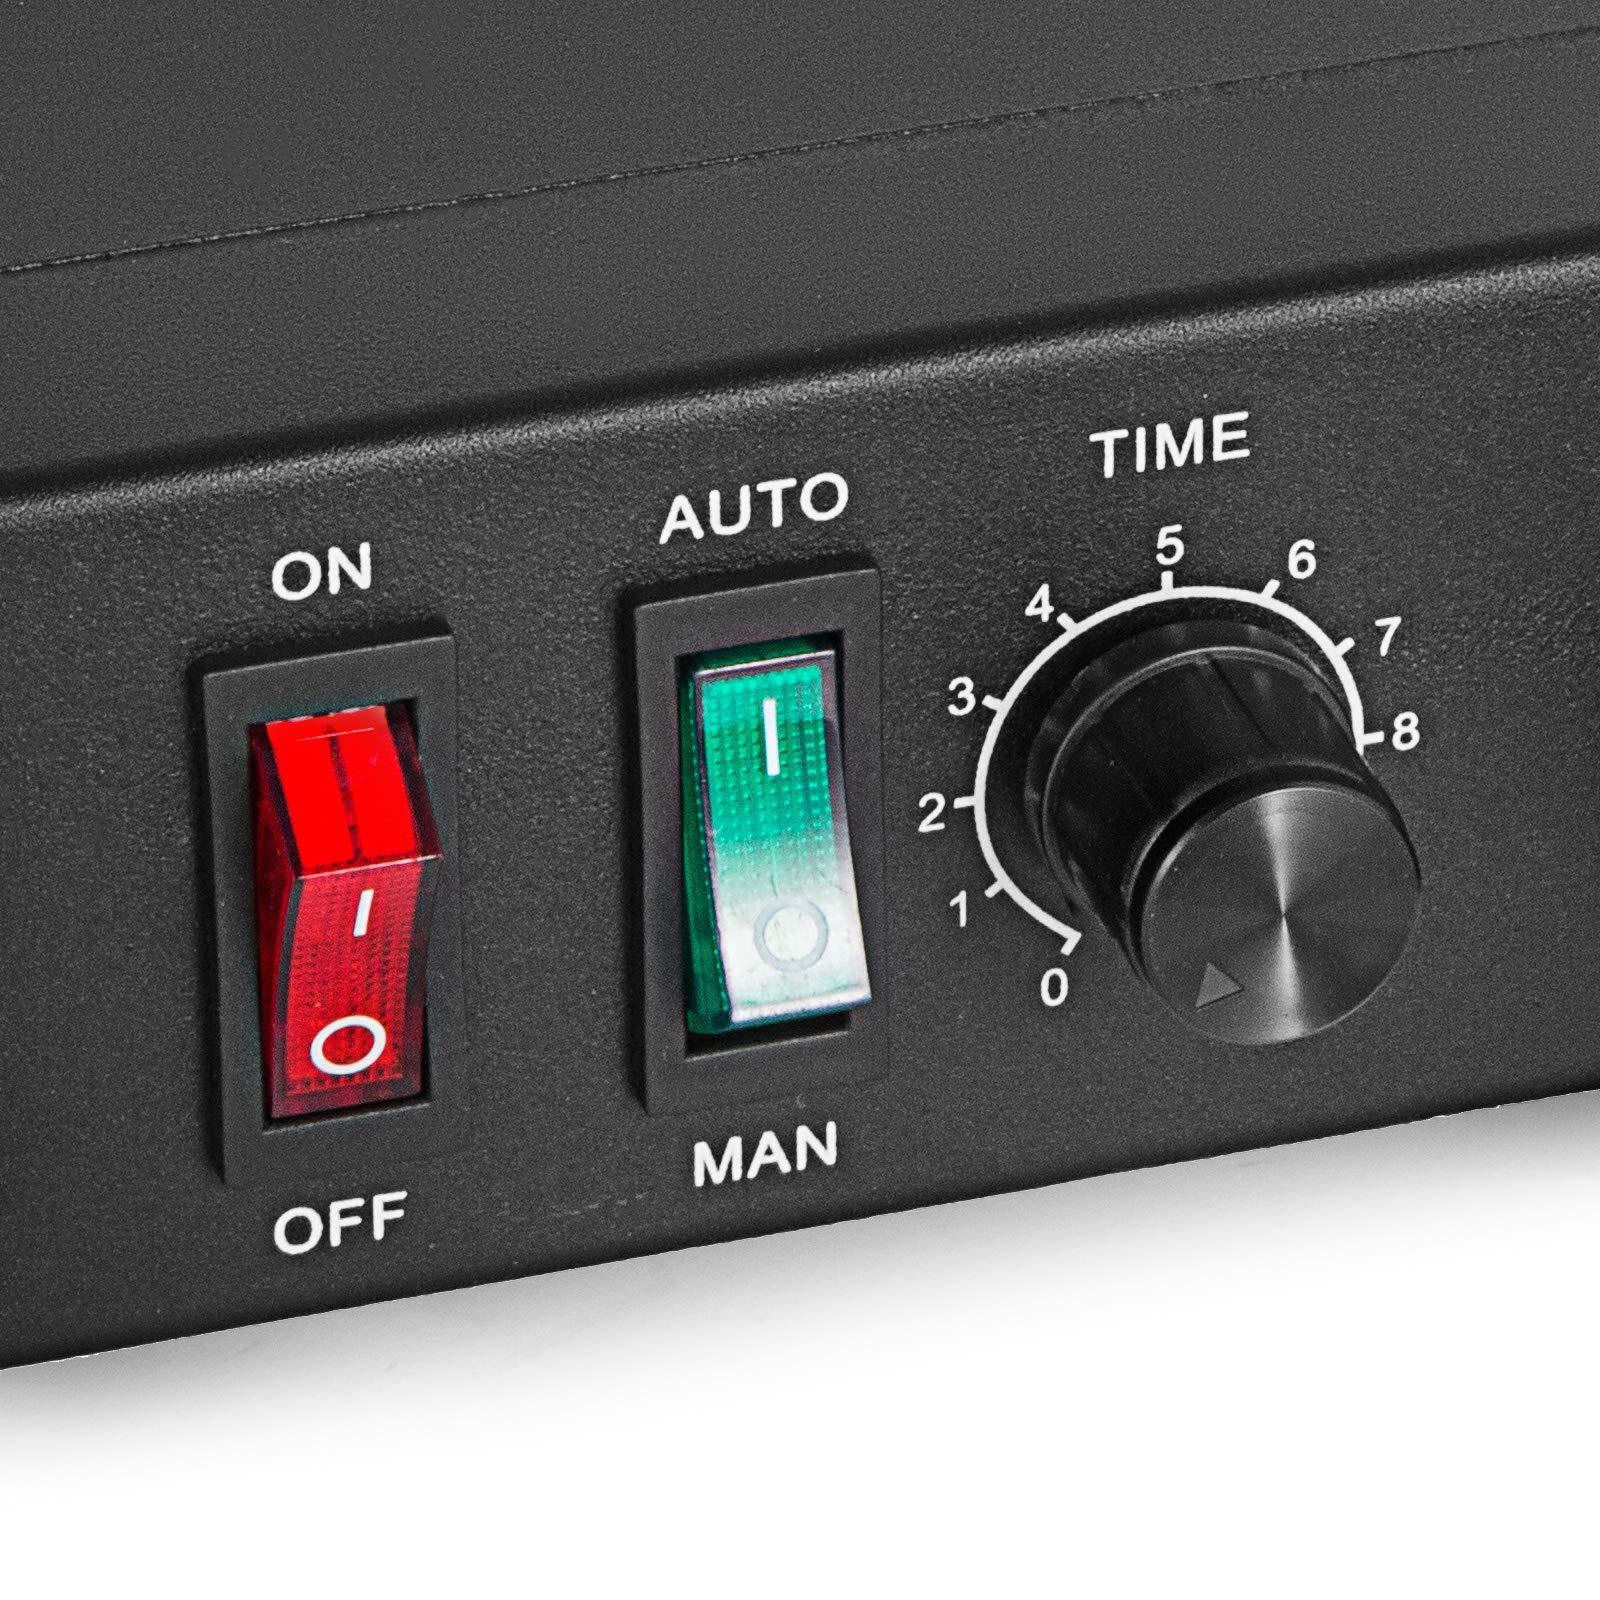 VEVOR Auto Glue Dispenser Dual Controller 24V DC Solder Paste Glue Dropper 982A Digital Display Solder Paste Liquid Controller Dropper Machine by VEVOR (Image #7)